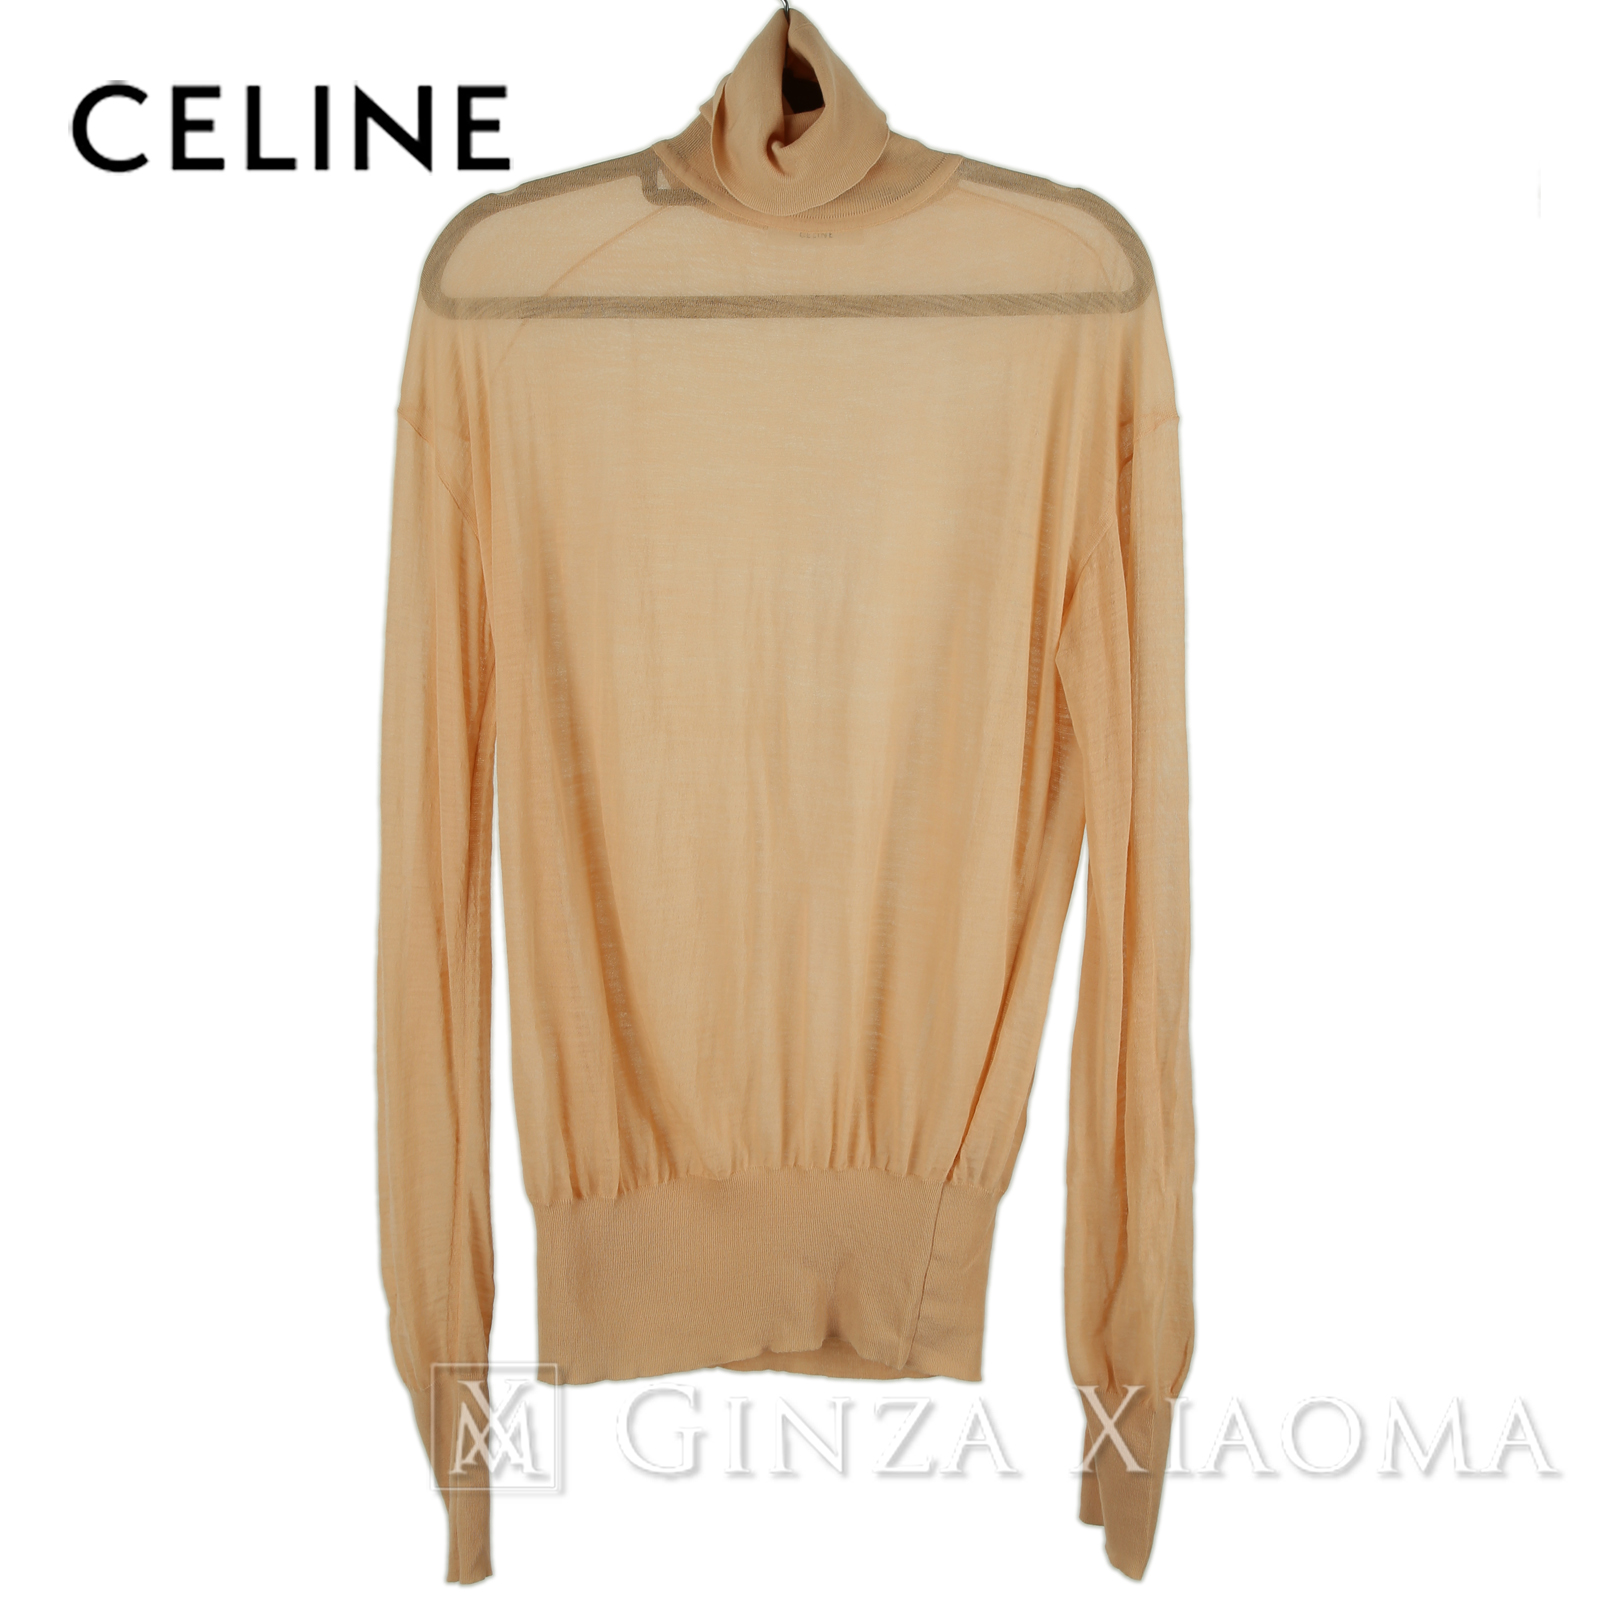 【極美品】CELINE セリーヌ トップス ハイネック セーター ウール ポリウレタン ピンク 中古